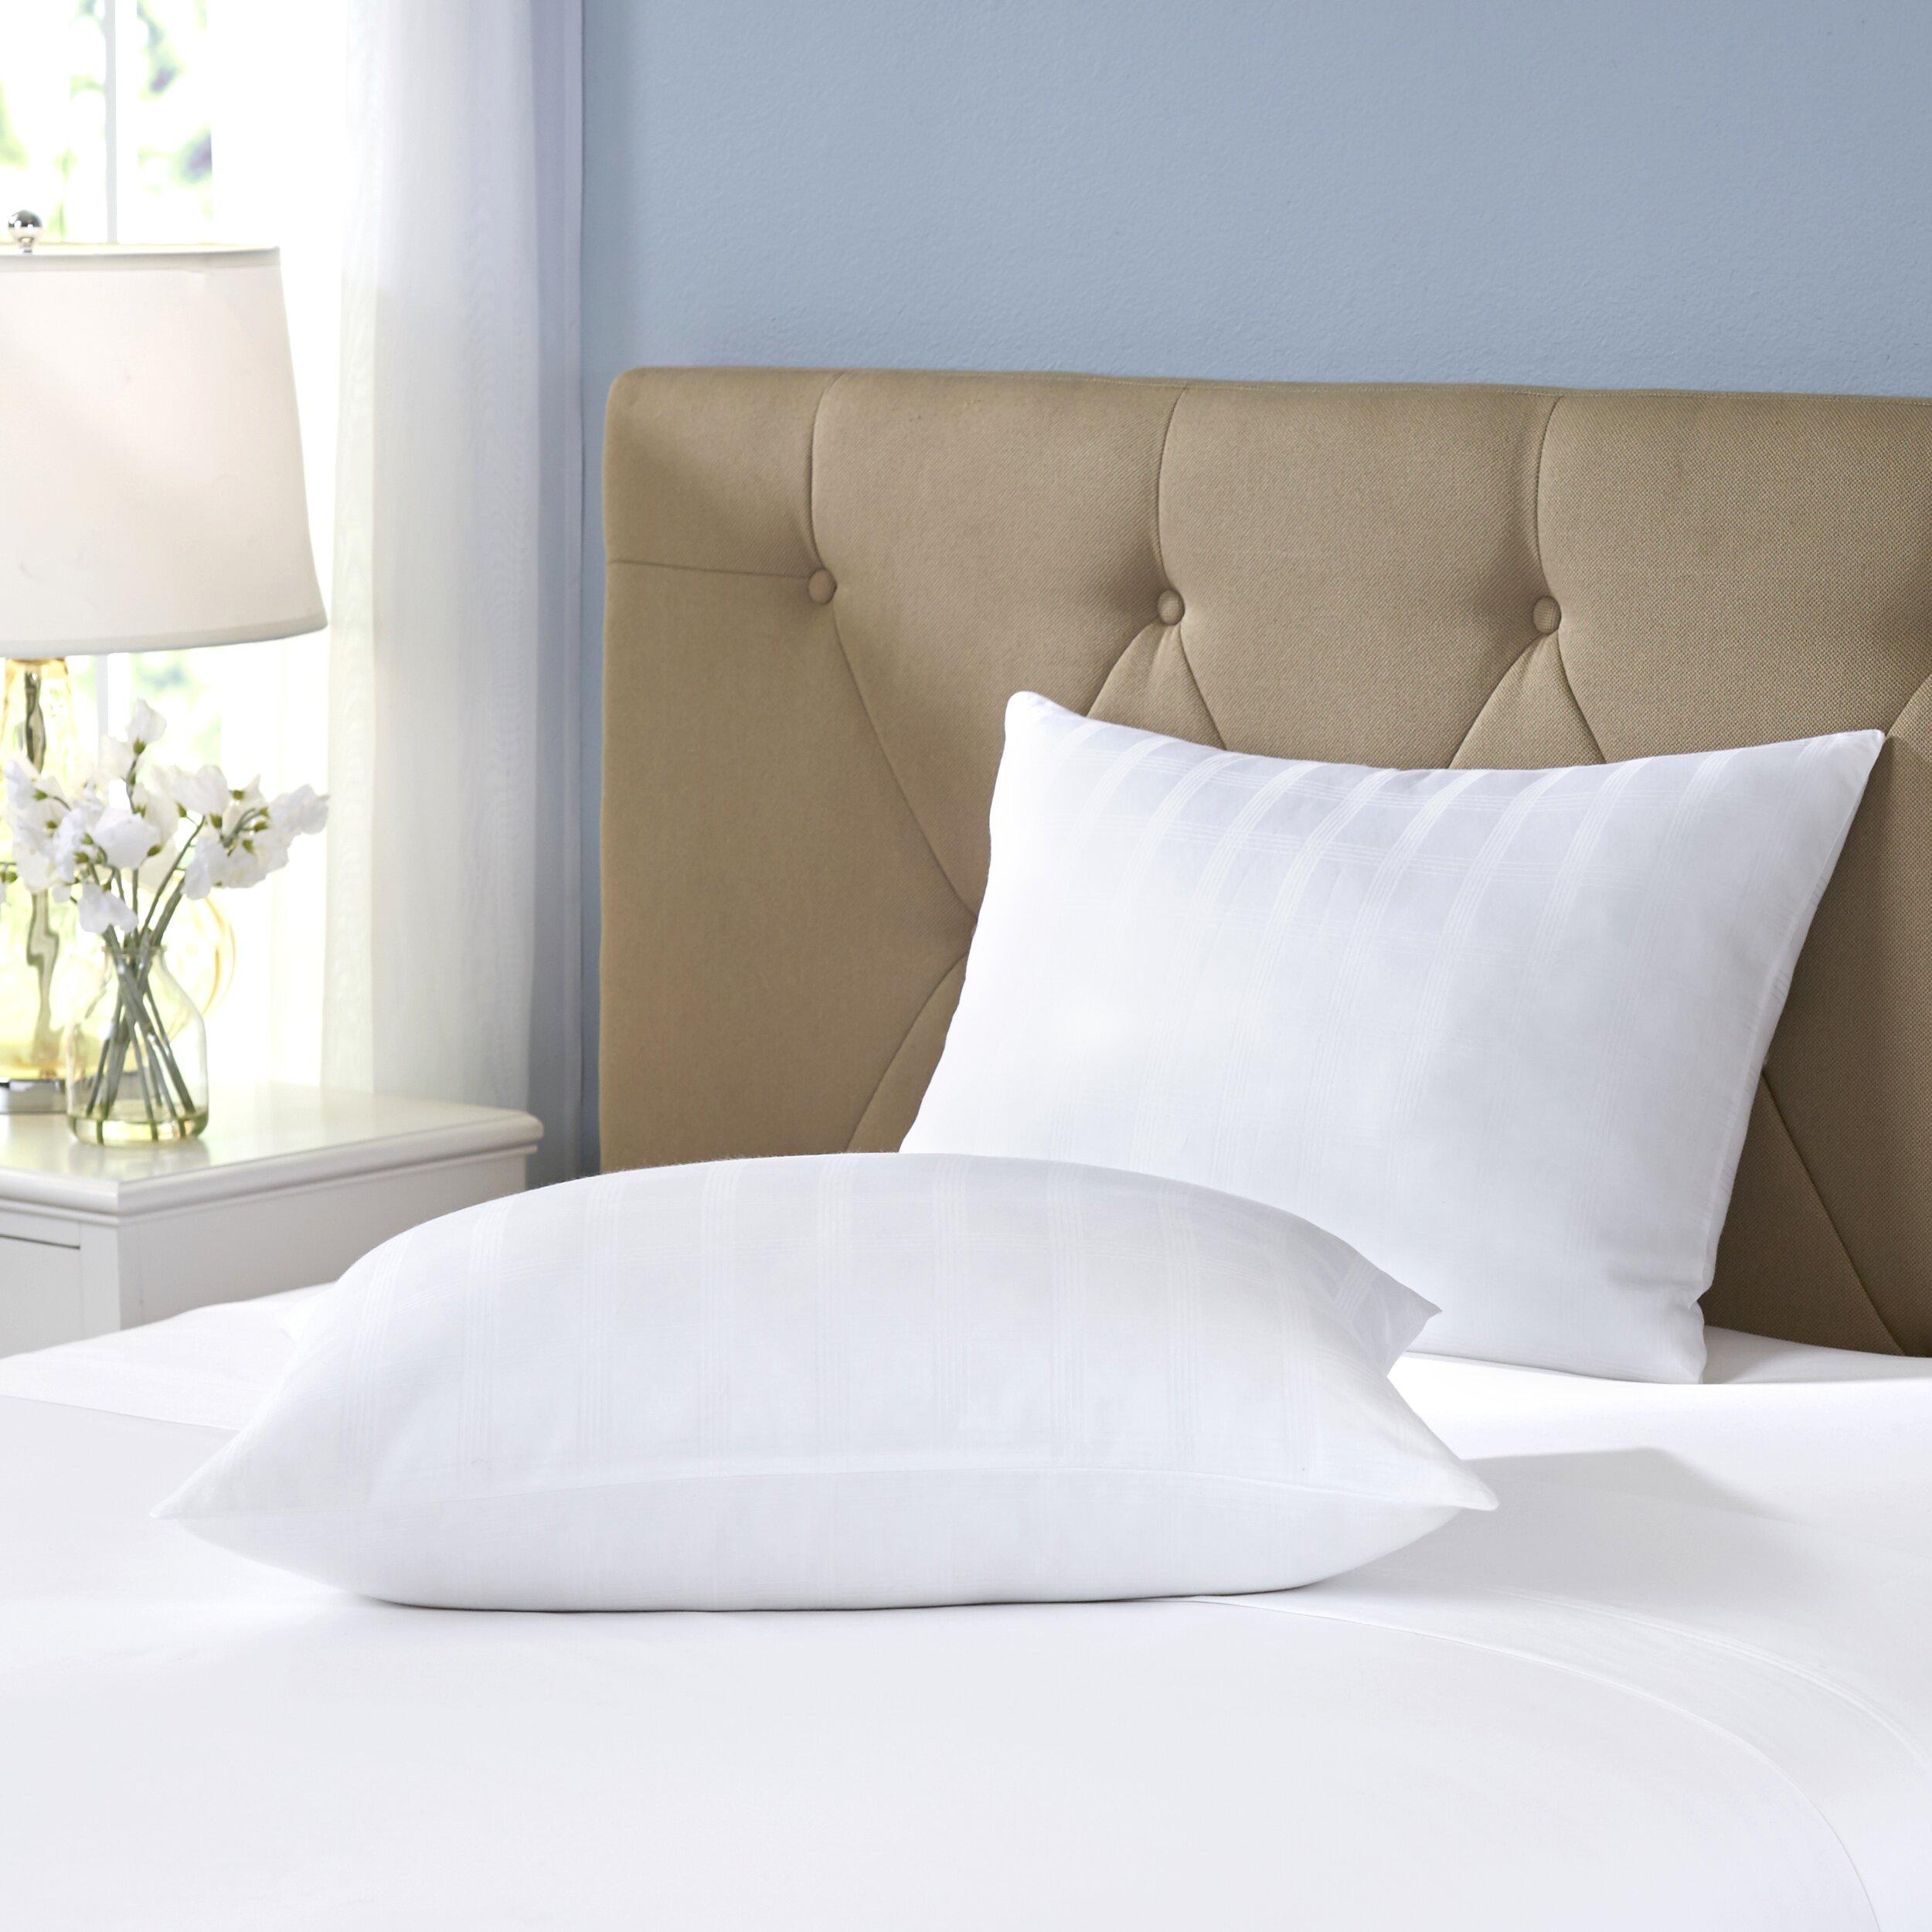 Wayfair sleep wayfair sleep gel fiber pillow reviews for Bed pillows reviews